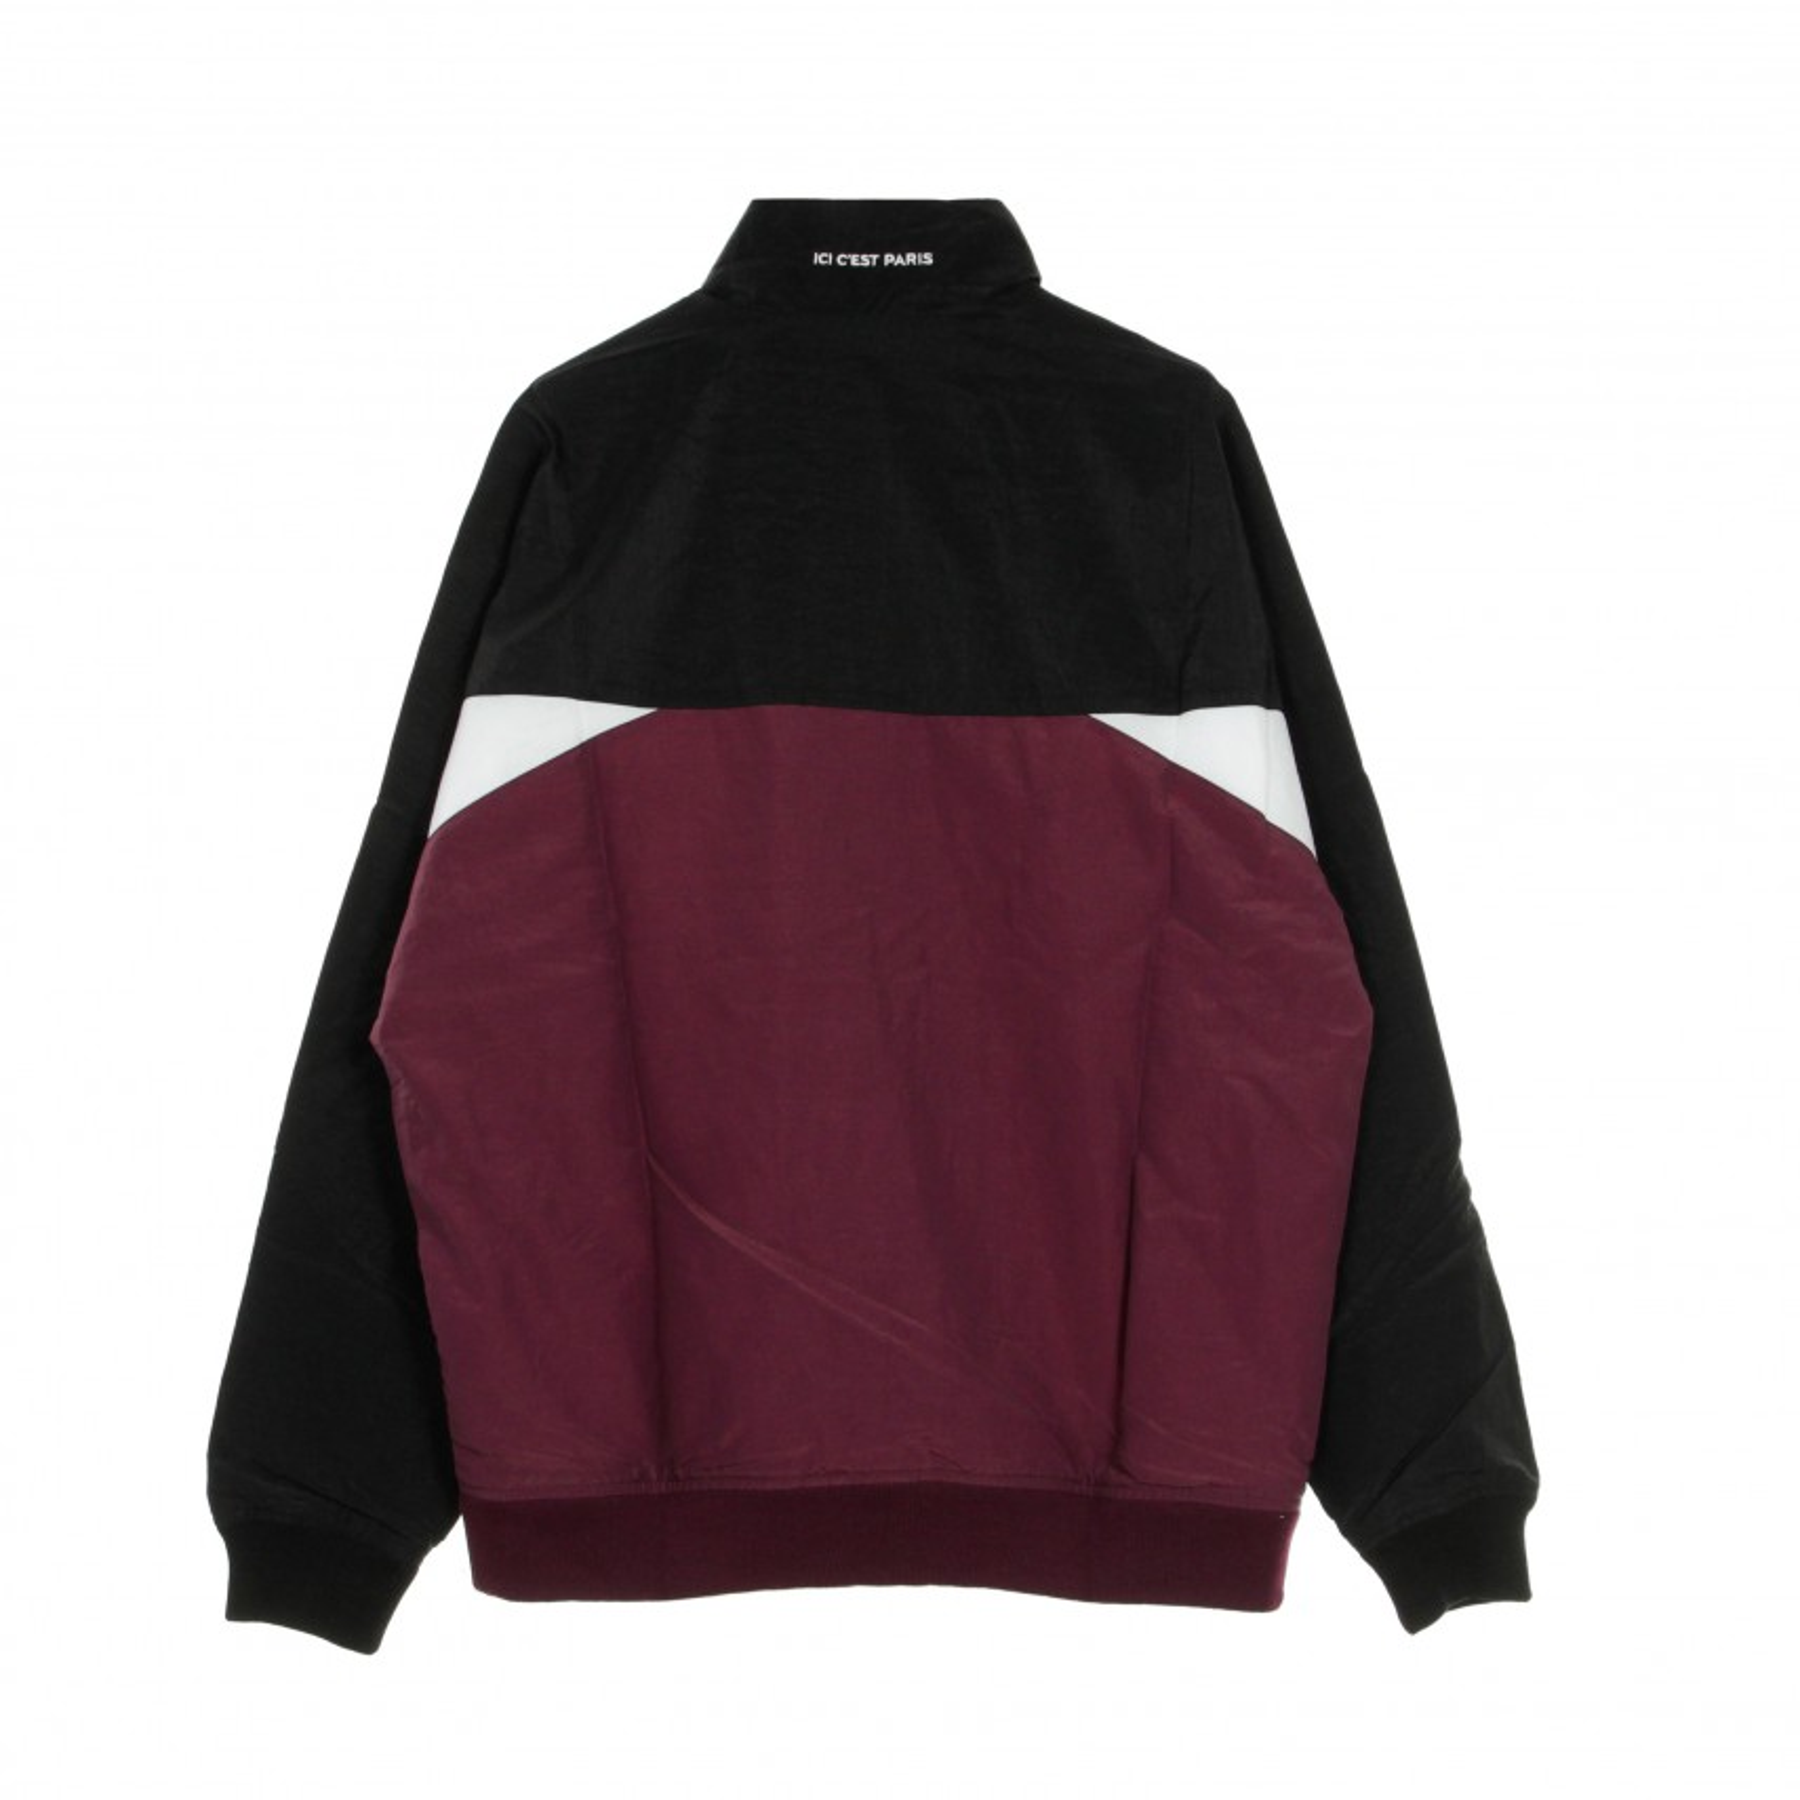 giacca tuta uomo paris saint-germain jacket BLACK/BORDEAUX/WHITE/METALLIC GOLD